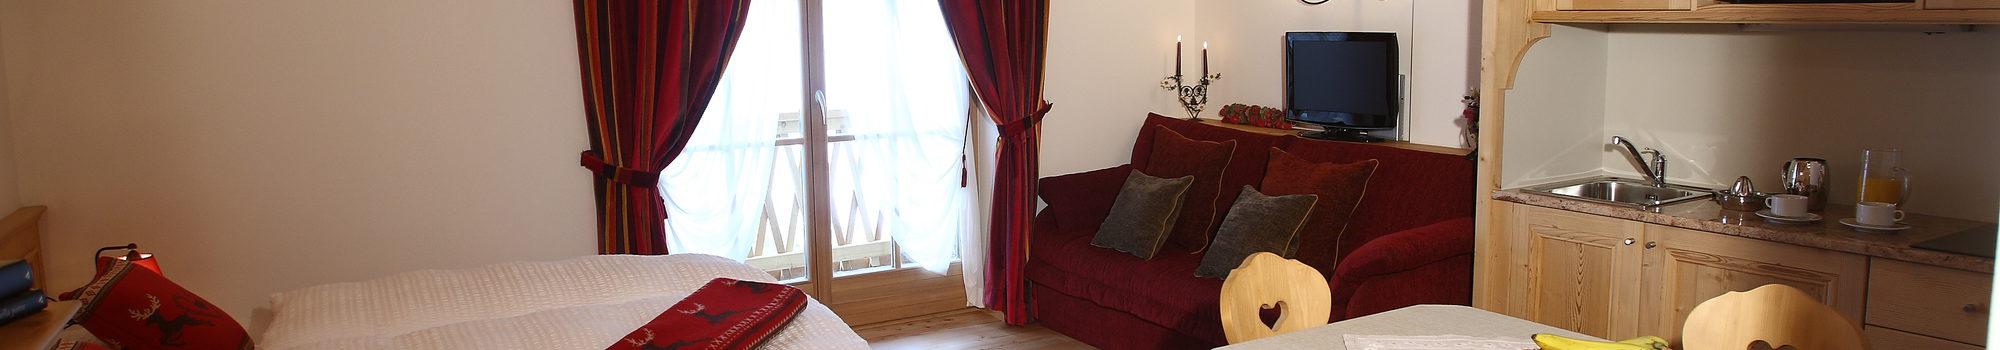 Residence Sol e Nef, per una calda vacanza